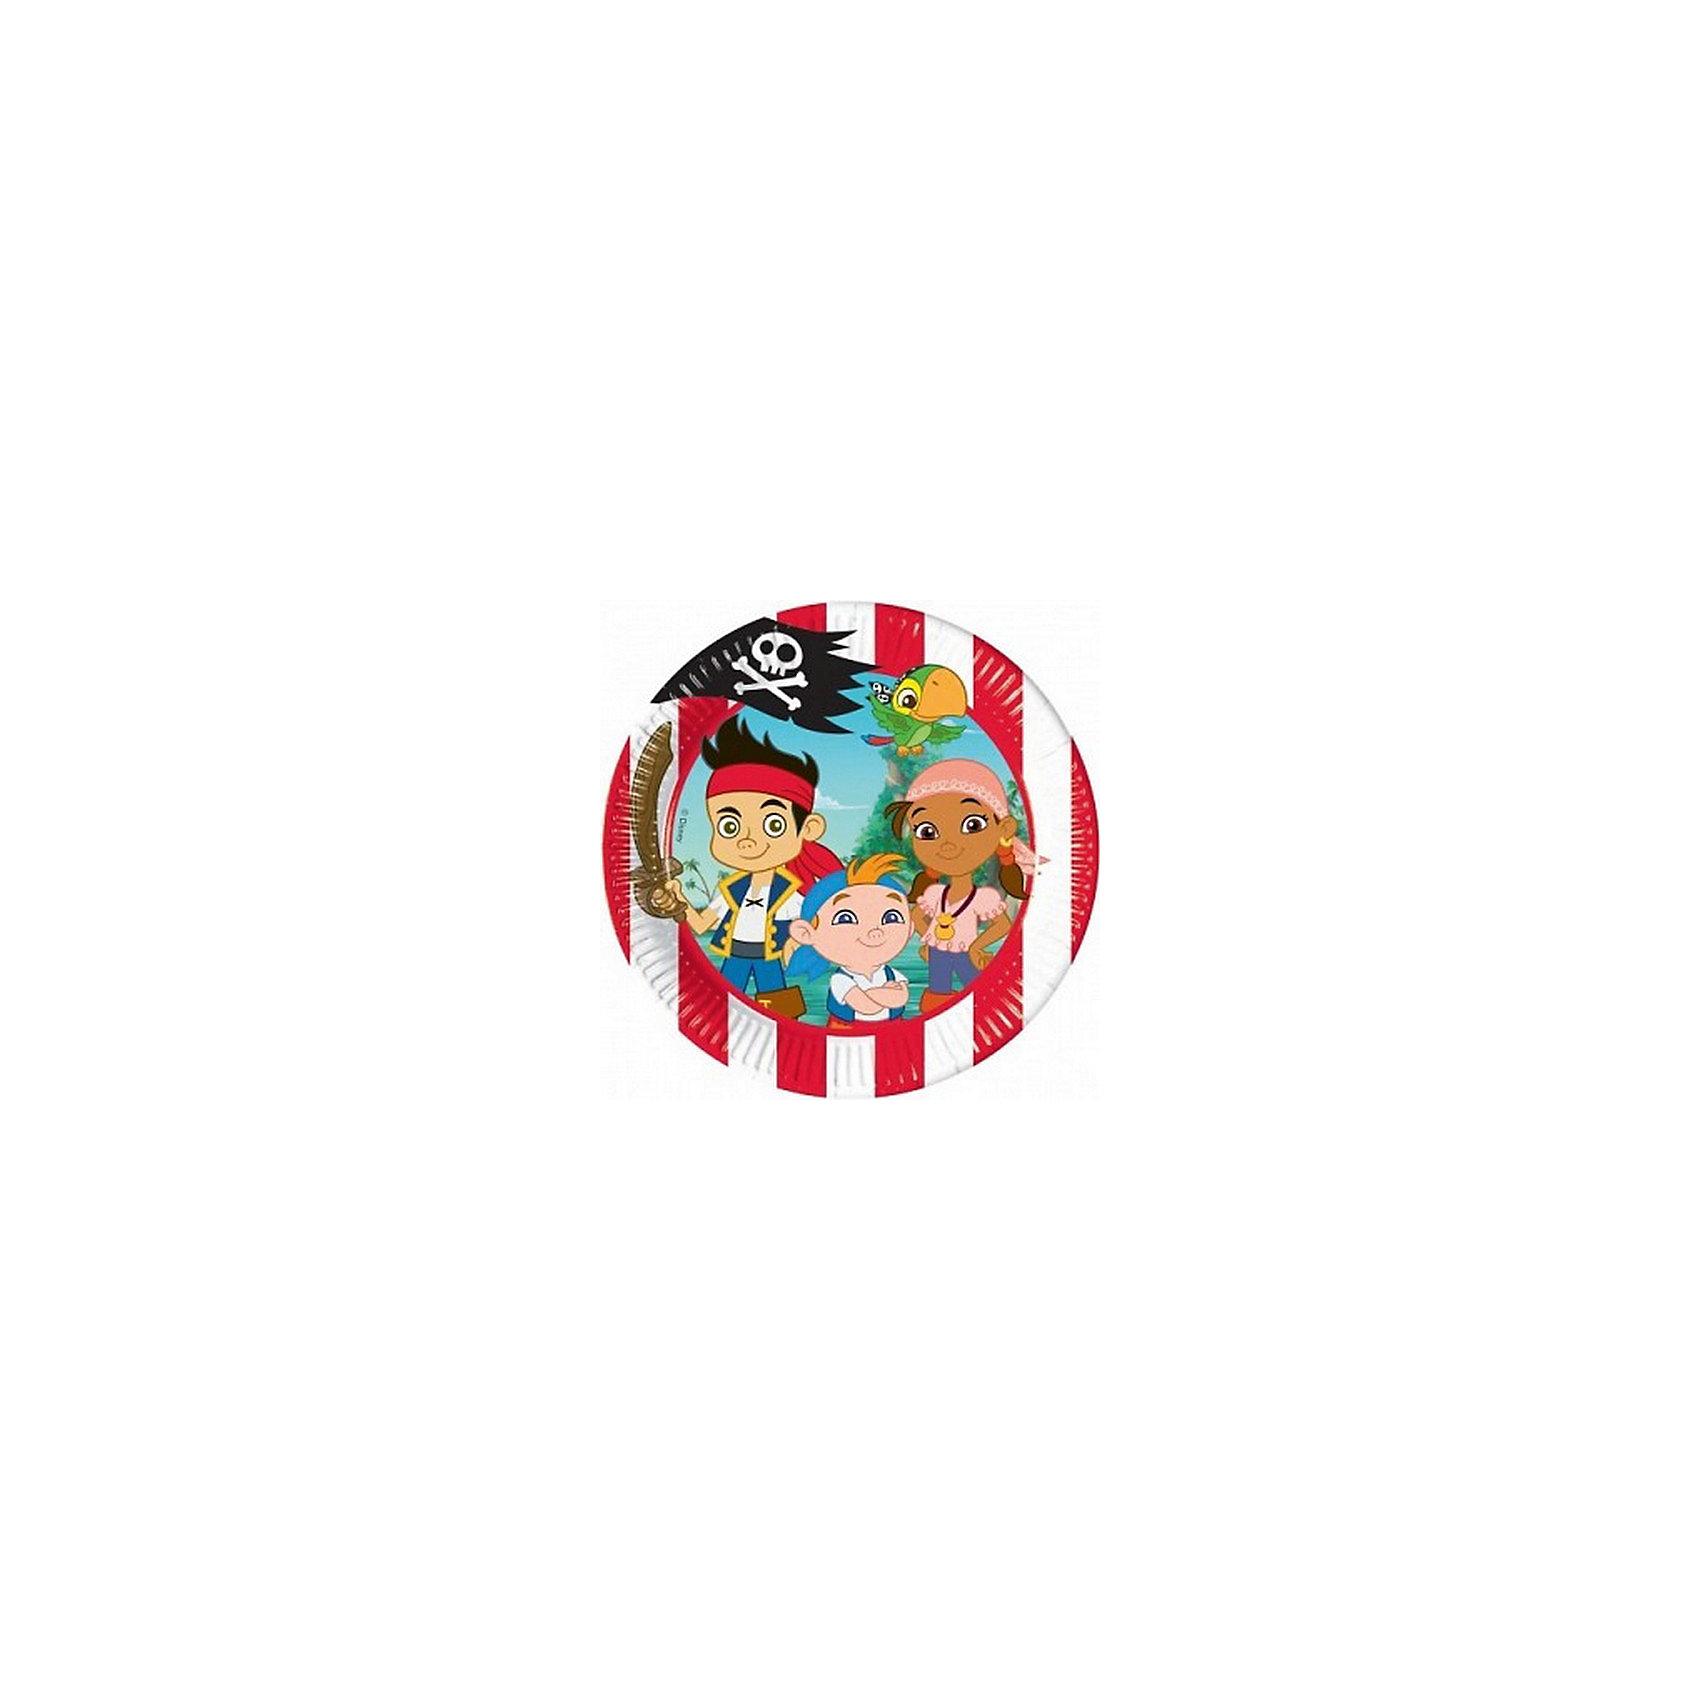 Тарелки Джейк и пираты Нетландии 20 см, 10 шт.Тарелки<br>Отличным украшением любого праздничного стола станут тарелки с рисунком Джека и других пиратов Нетландии.  <br>В комплект входит 10 тарелок диаметром 20 см.<br><br>Ширина мм: 195<br>Глубина мм: 20<br>Высота мм: 195<br>Вес г: 64<br>Возраст от месяцев: -2147483648<br>Возраст до месяцев: 2147483647<br>Пол: Унисекс<br>Возраст: Детский<br>SKU: 7128907